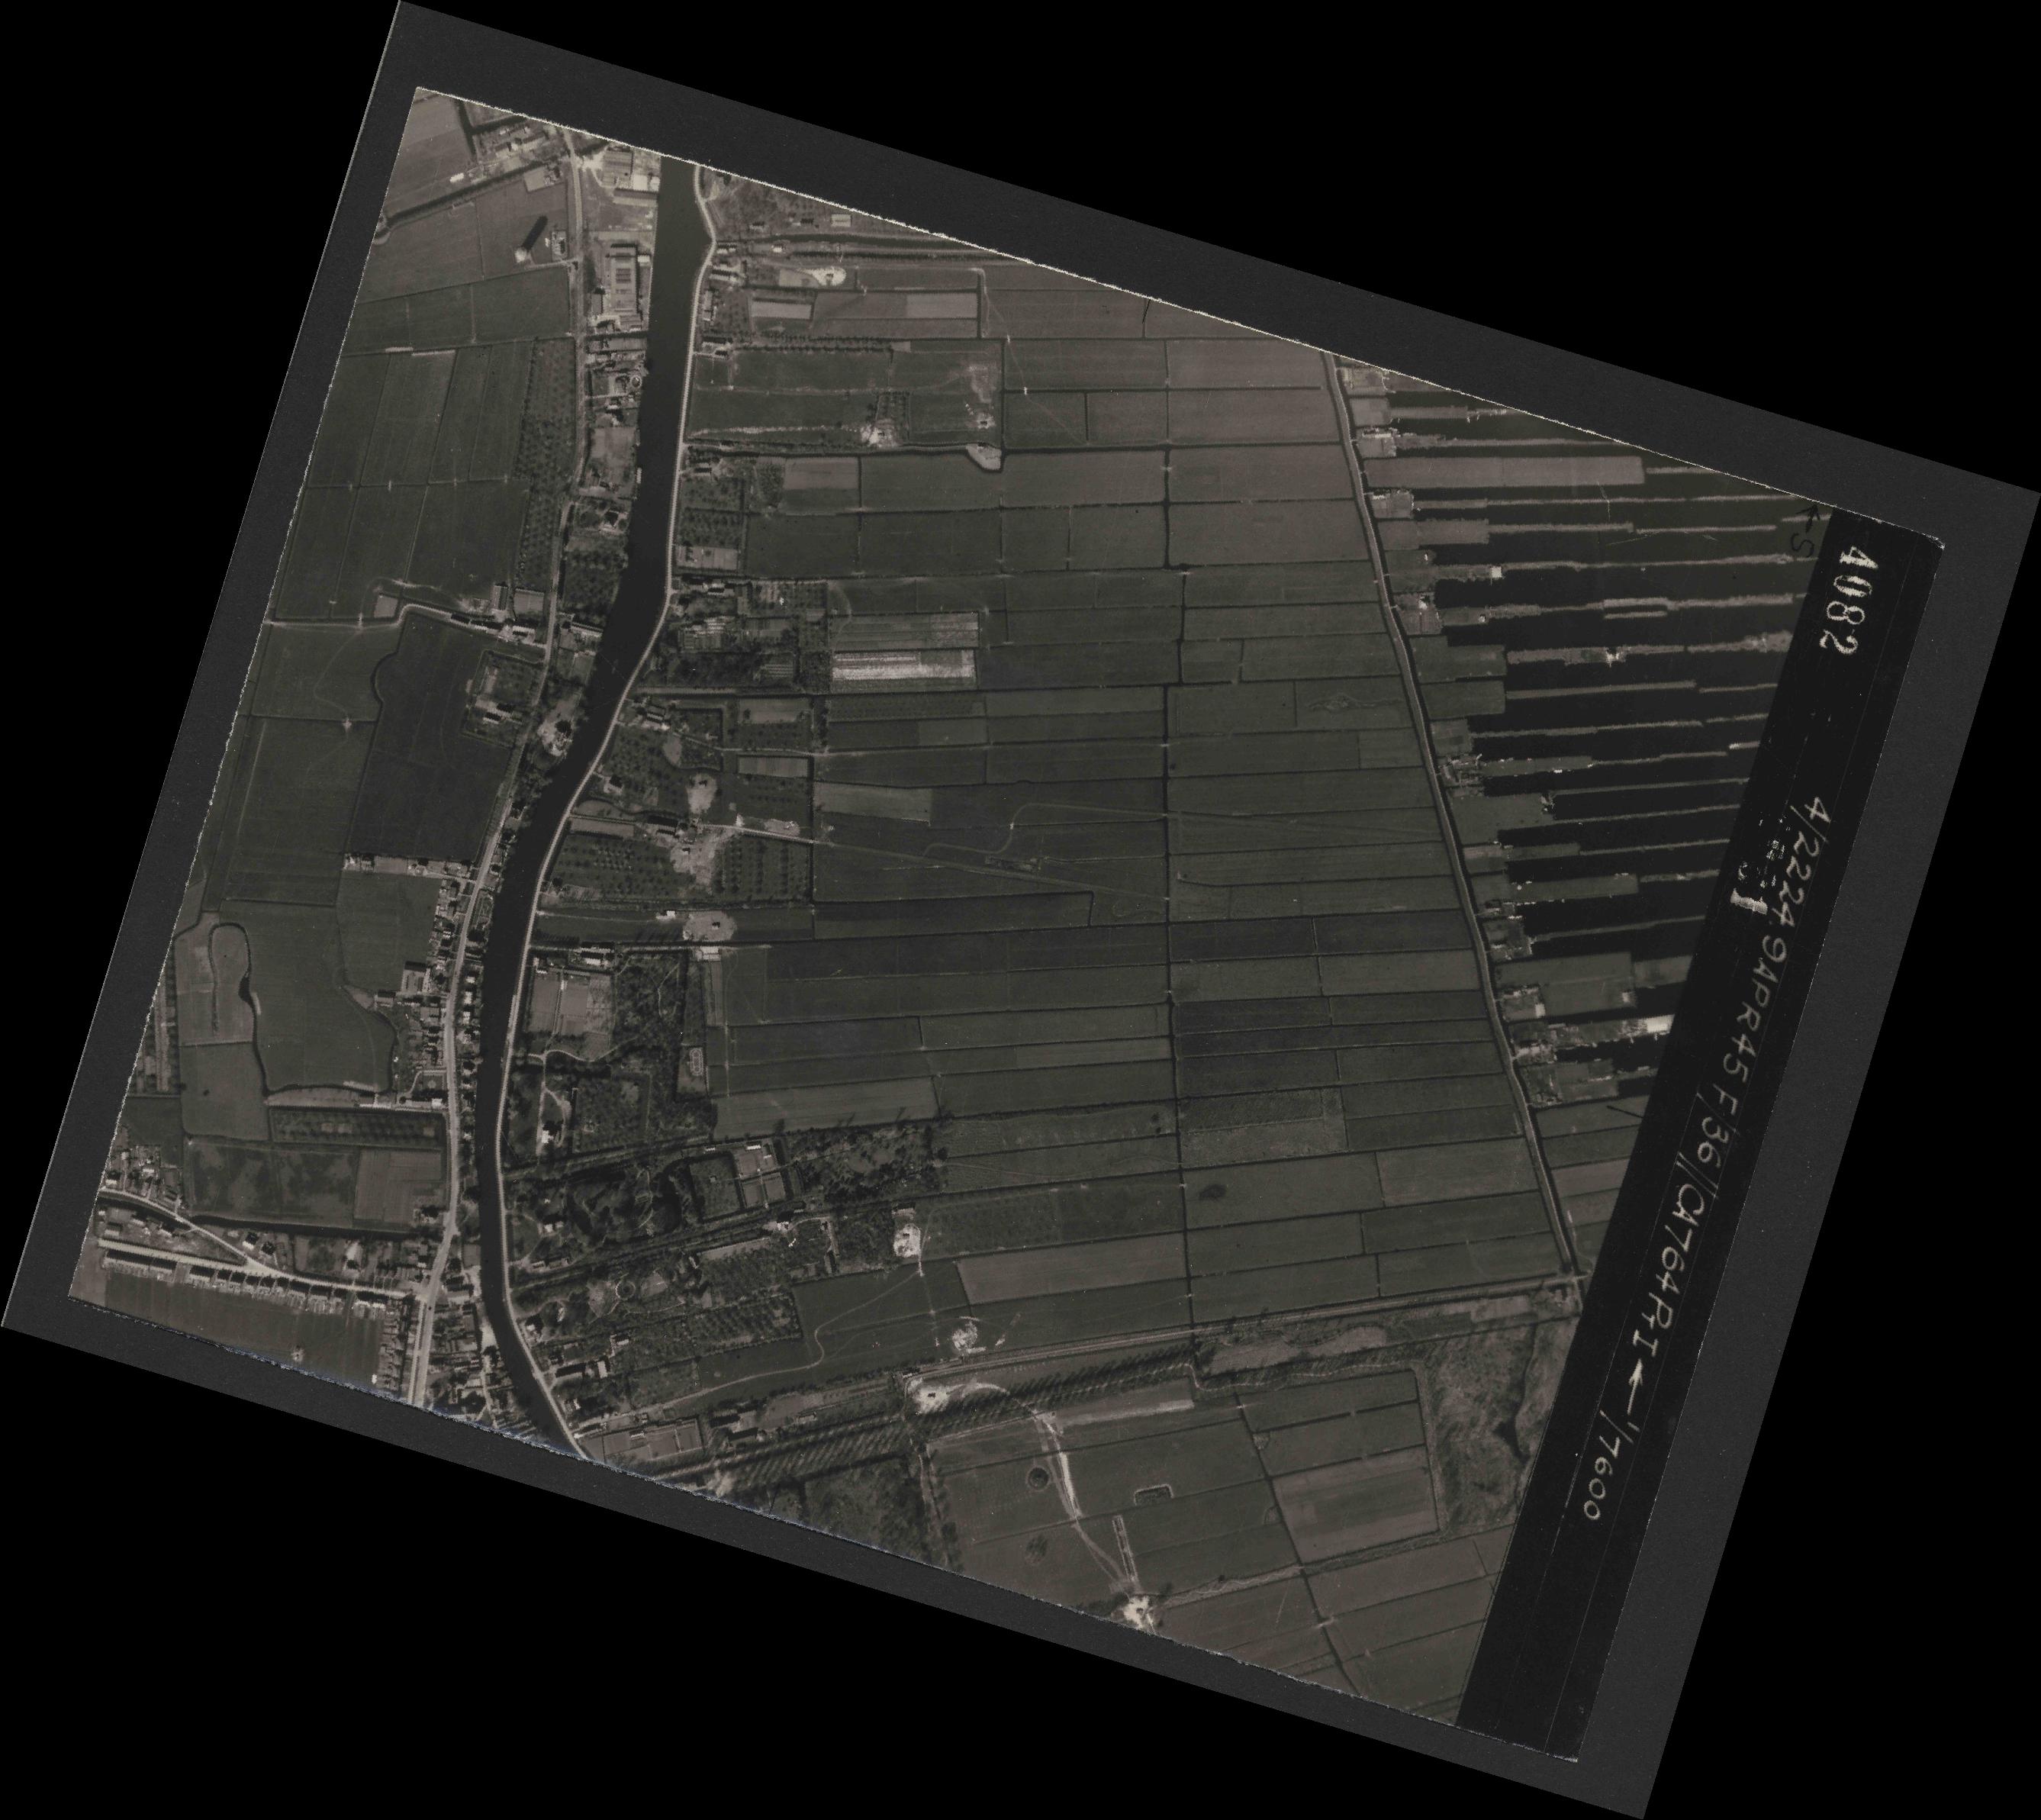 Collection RAF aerial photos 1940-1945 - flight 271, run 10, photo 4082